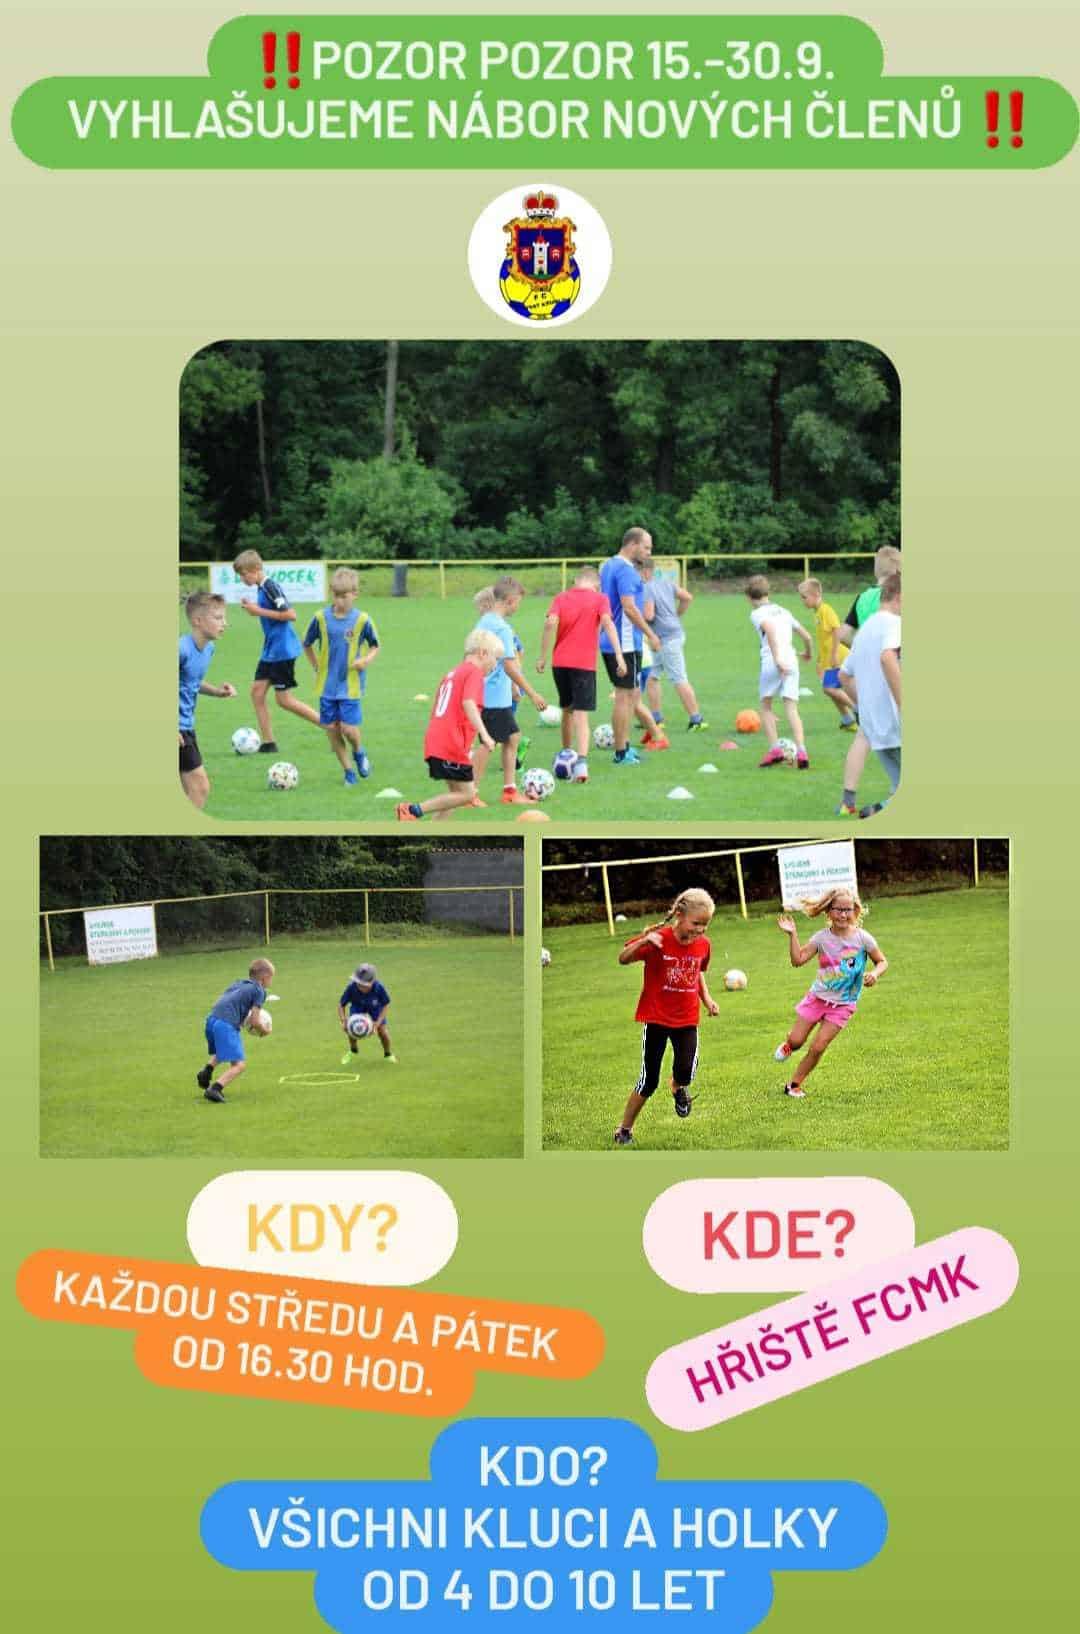 Read more about the article Pozor pozor FC Moravský Krumlov vyhlašuje nábor nových členů!!!!!